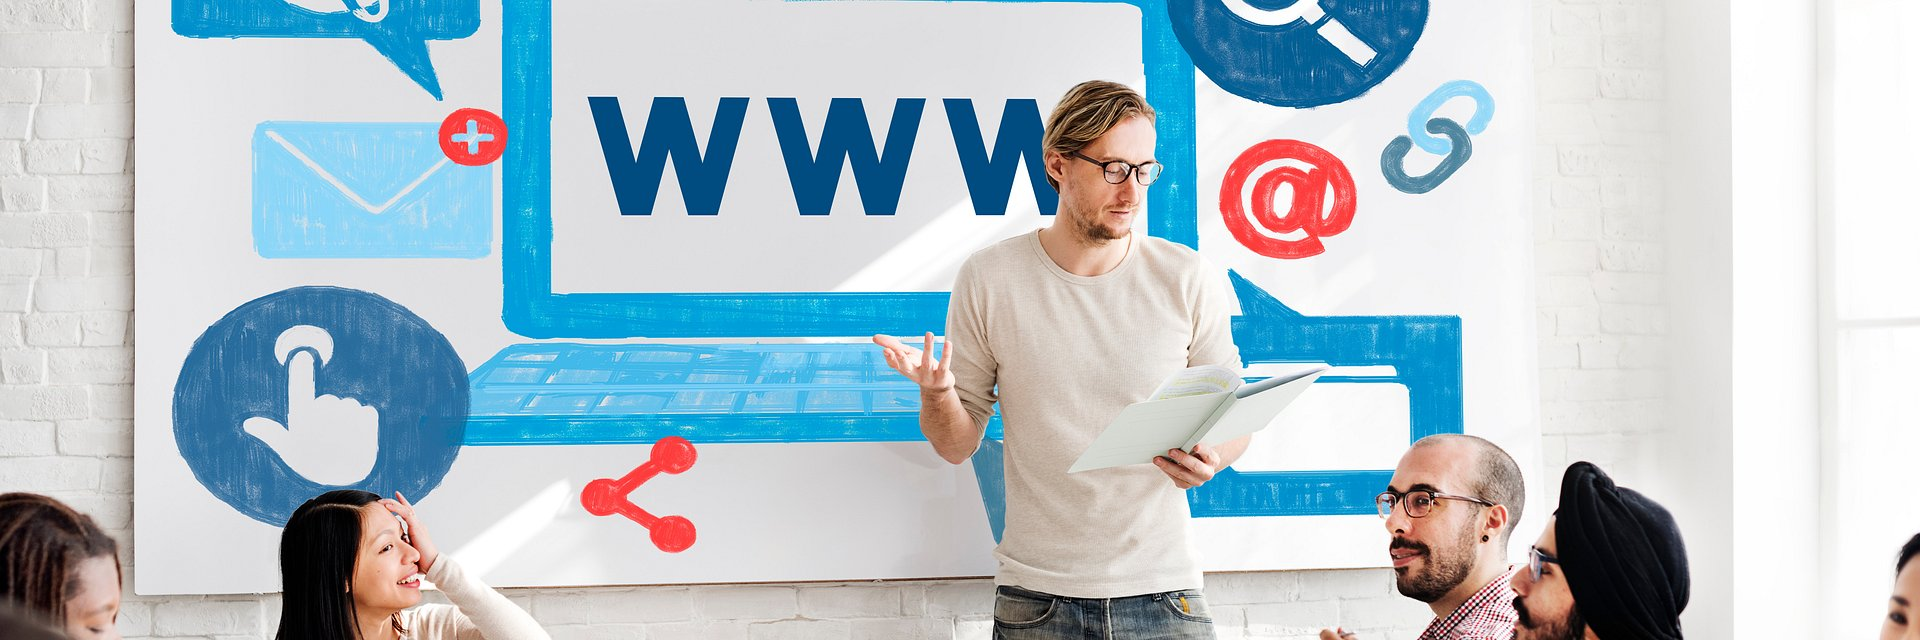 Jak nazwa domeny internetowej pomaga zwiększyć sprzedaż firmom w home.pl?